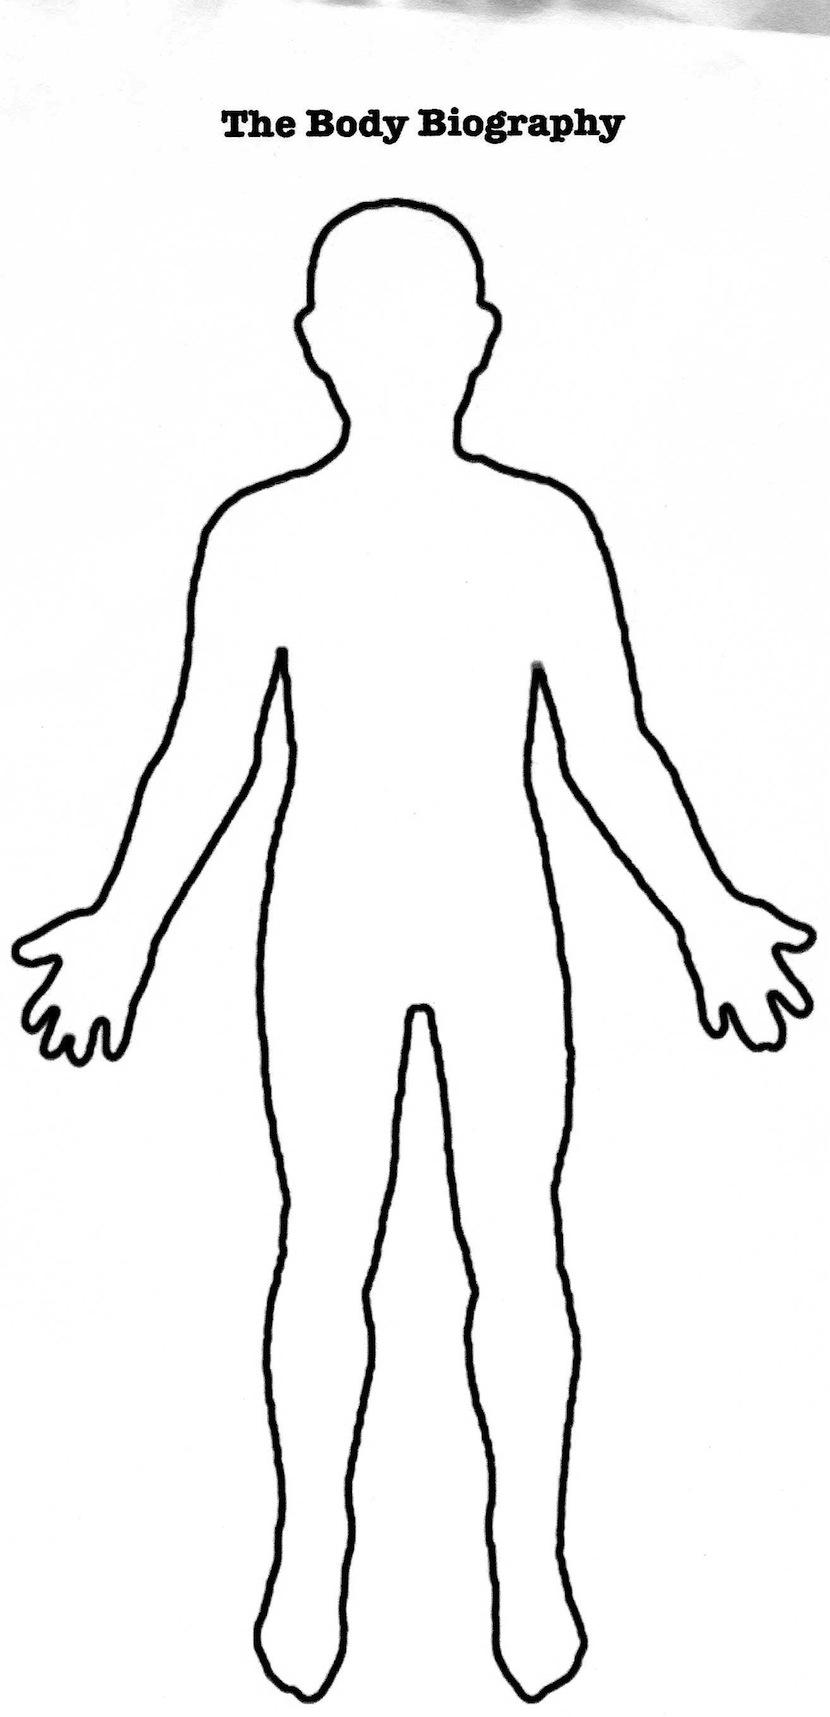 Teaching Character Analysis Using Body Biographies